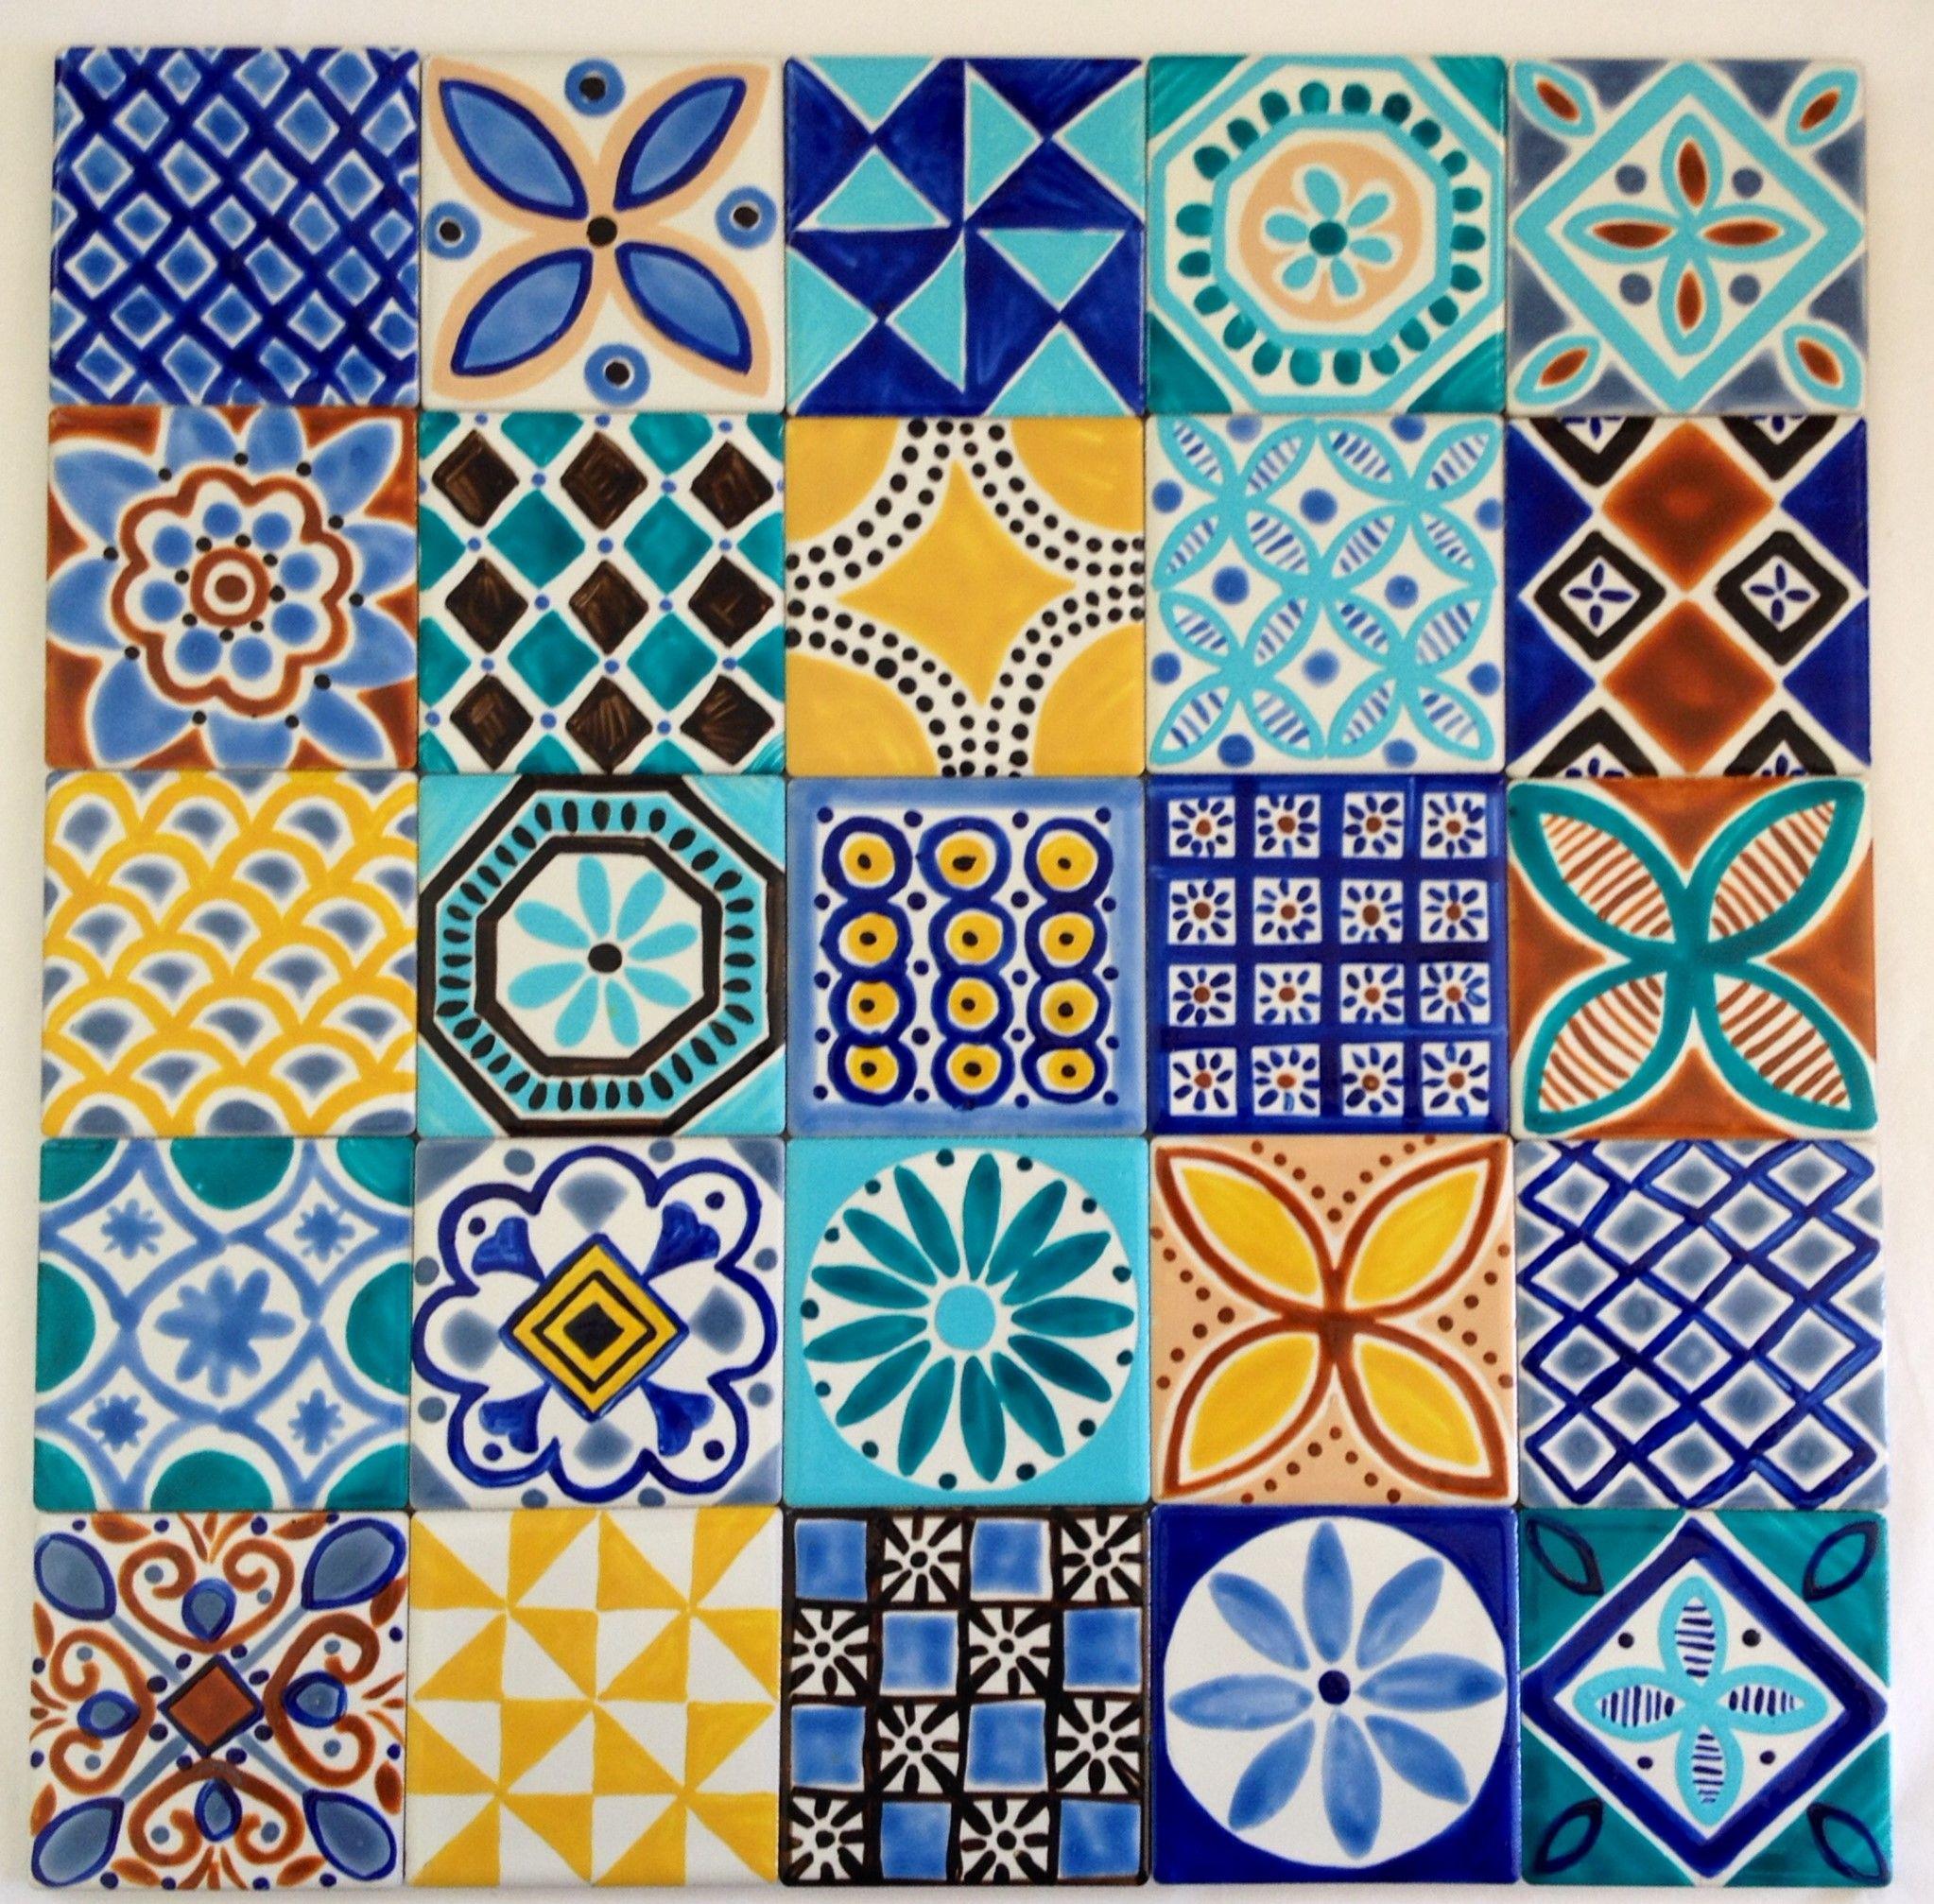 Moroccan Inspired Tiles For Splashback Www Jocelynproustdesigns Com Au Painting Ceramic Tiles Moroccan Tiles Pattern Ceramic Painting